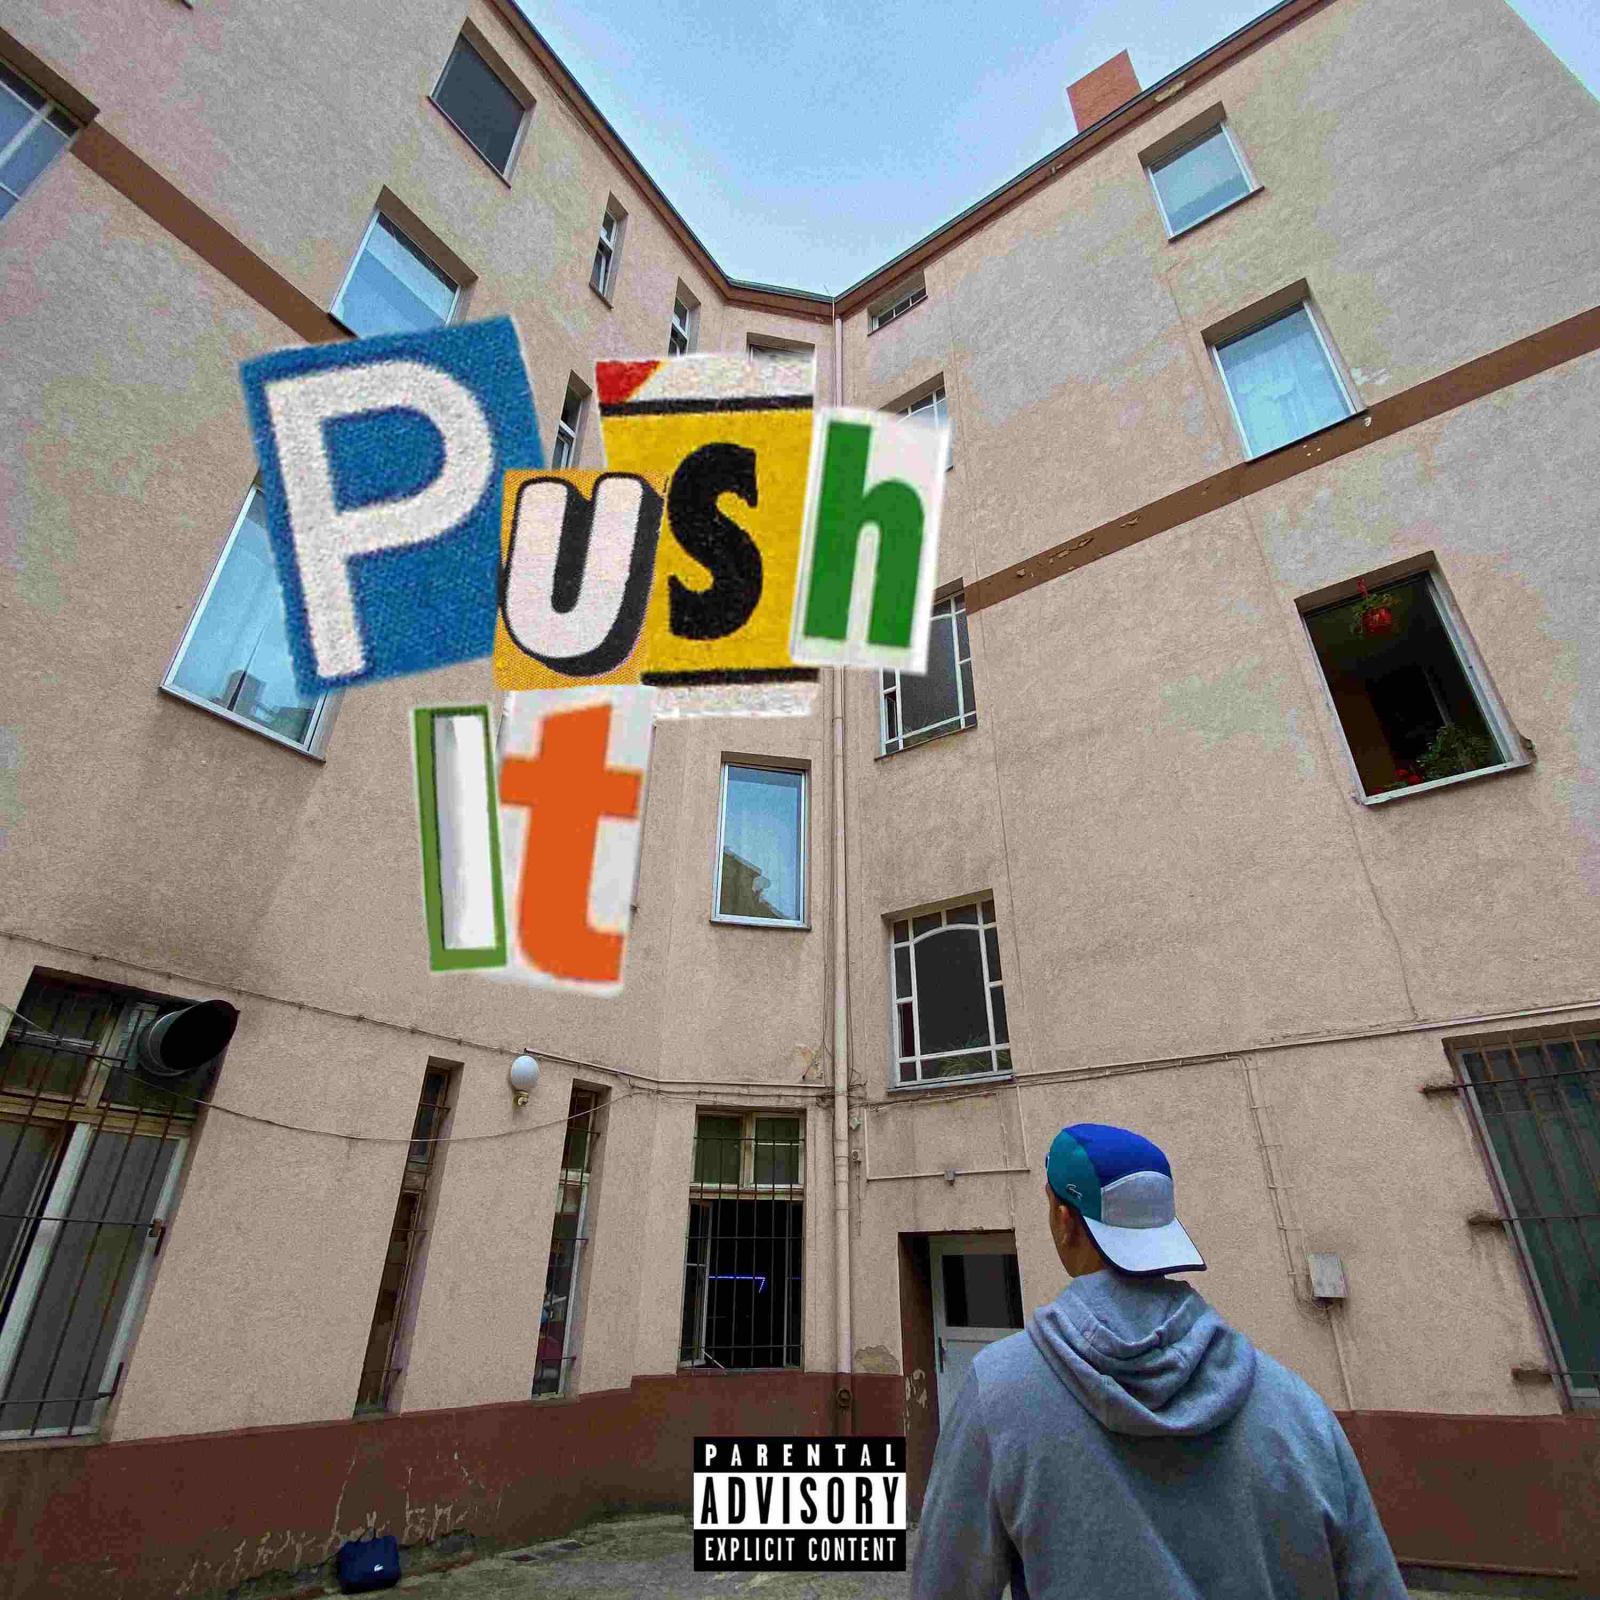 Upcoming: Rugan - Push It